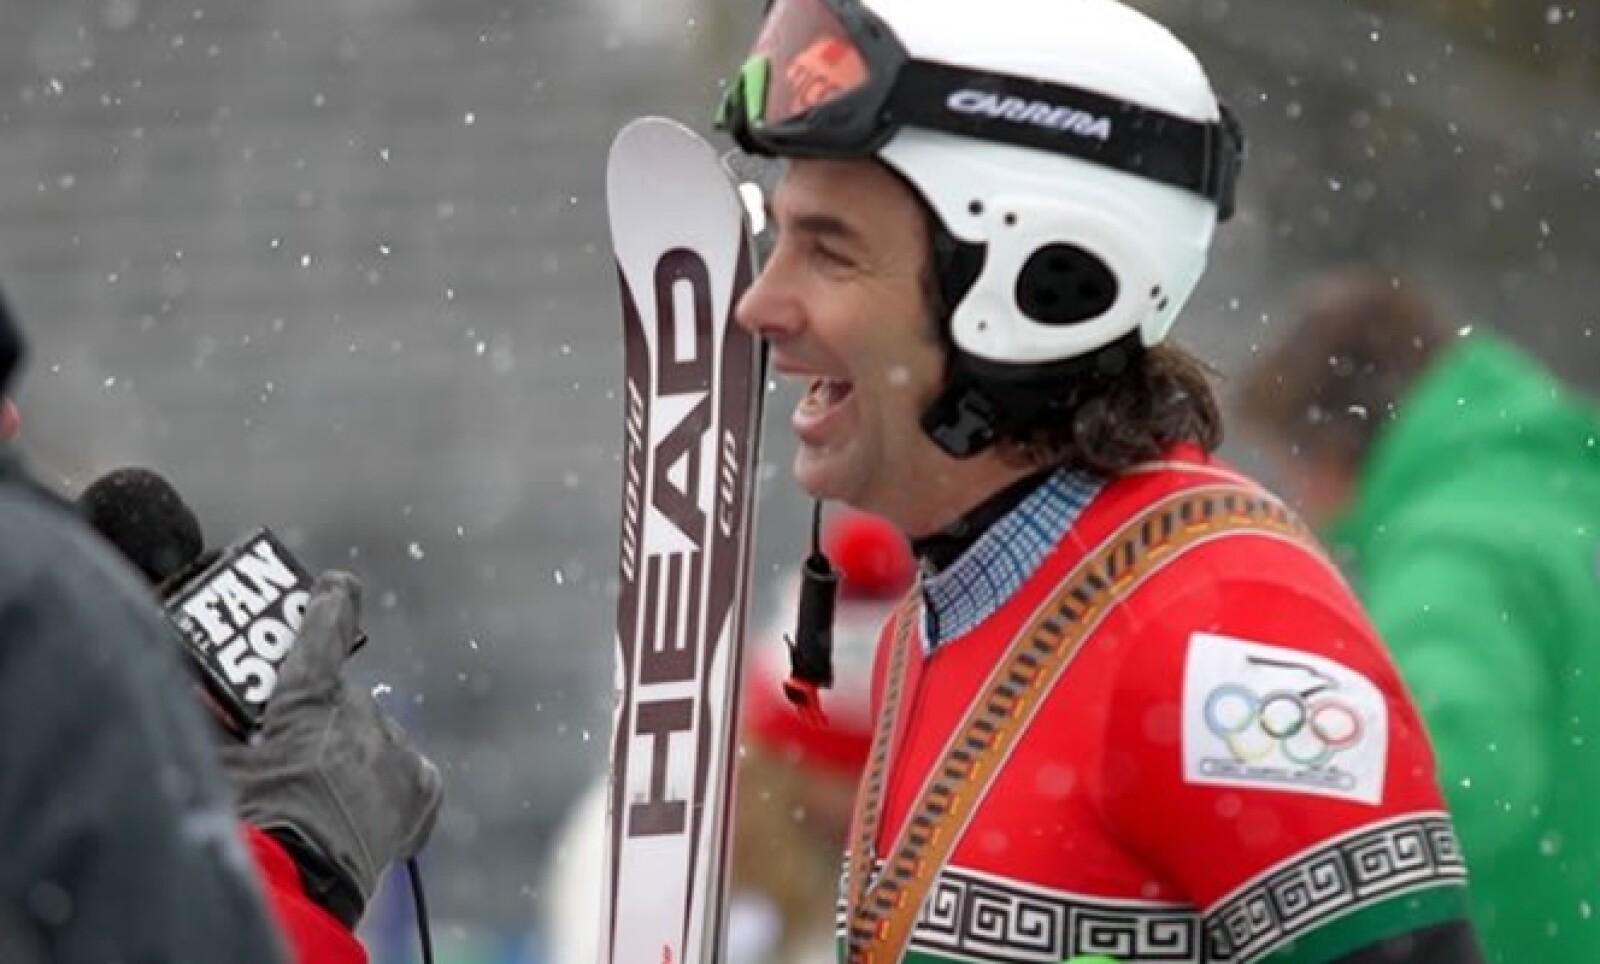 Tiene 55 años de edad por lo que este sábado se convirtió en el segundo atleta olímpico de invierno más viejo en la historia.